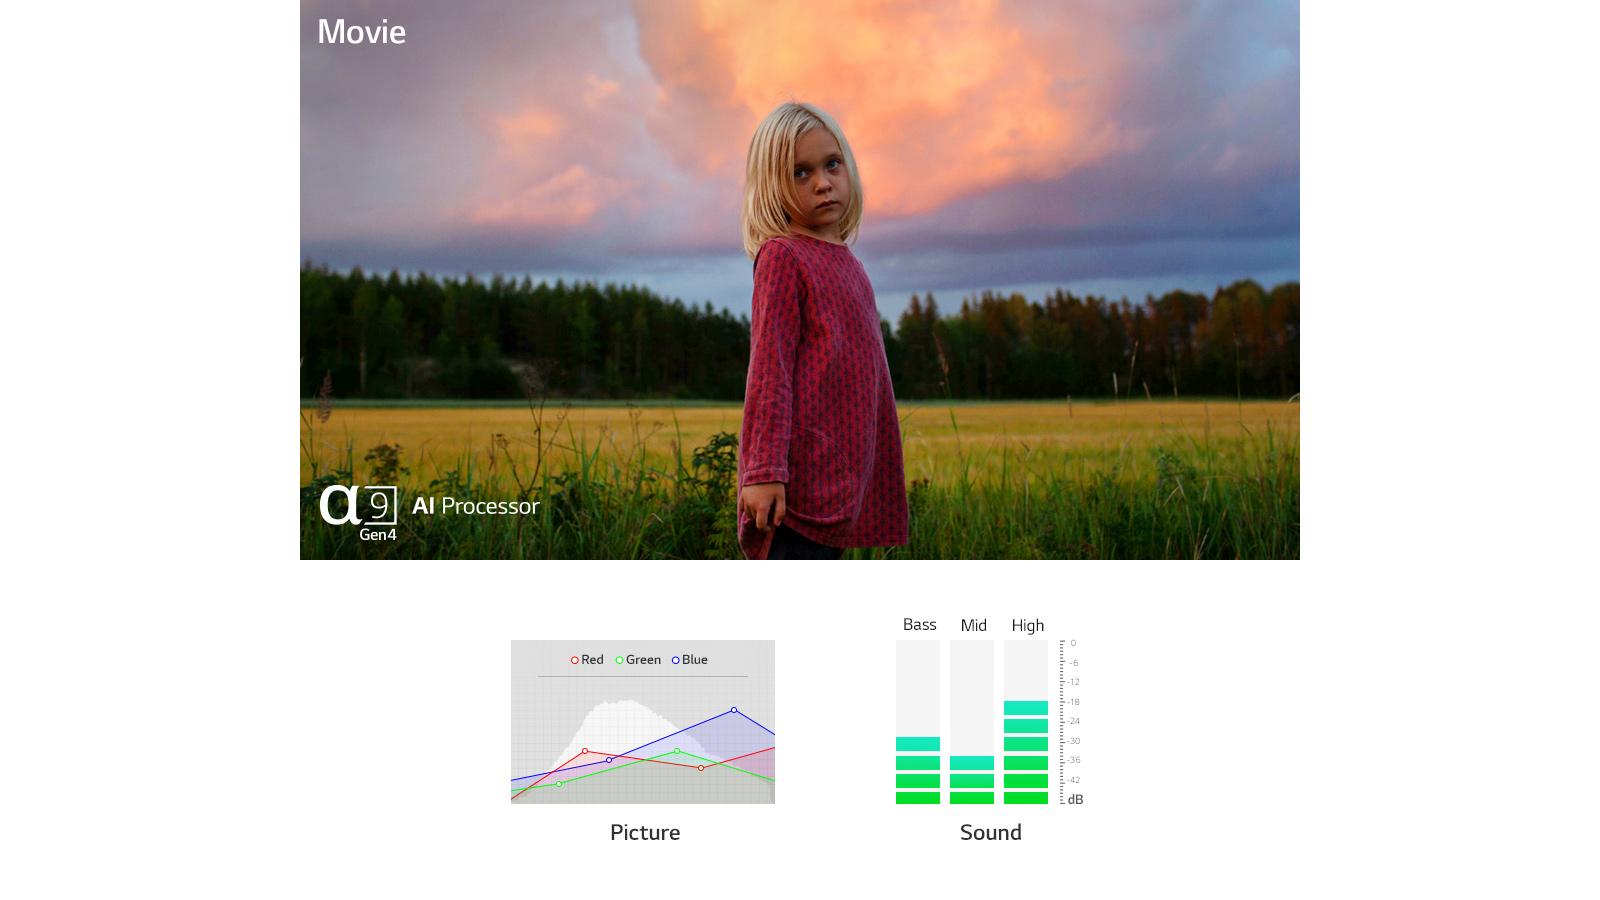 Dva prizora, ki jih s 4K samodejno optimizira procesor α9 AI 4. generacije glede na sliko in zvok (predvajanje videa)